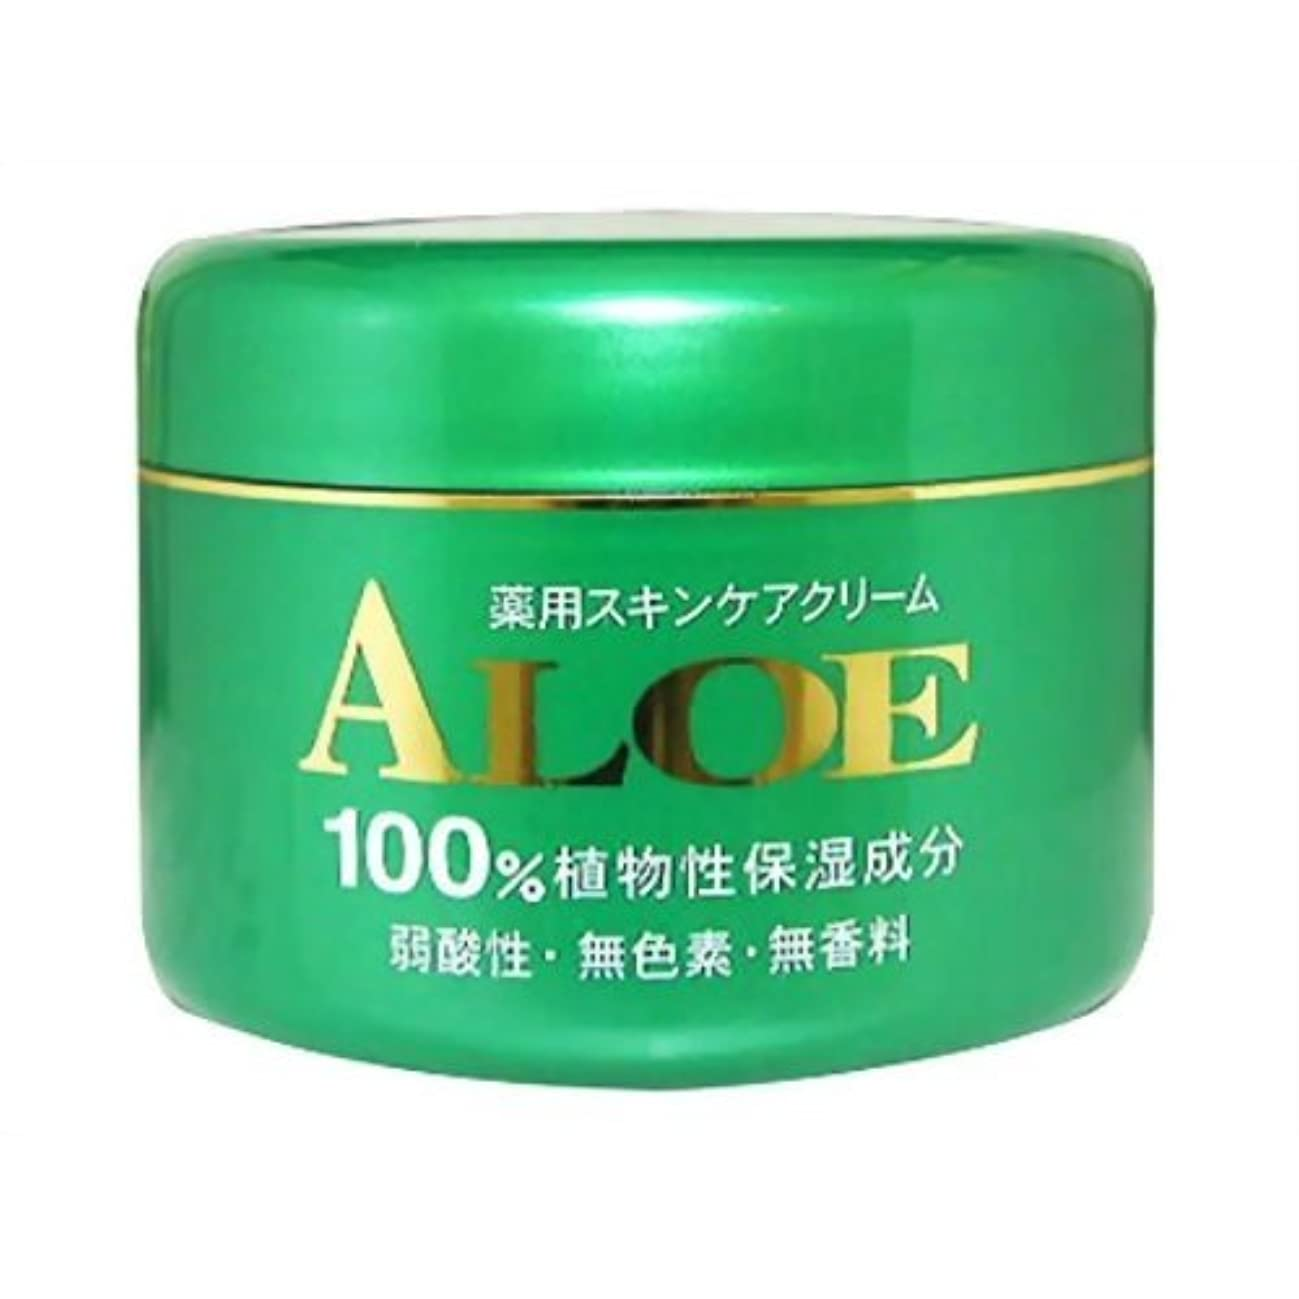 藤色睡眠チェリーアロエ薬用スキンケアクリーム185g